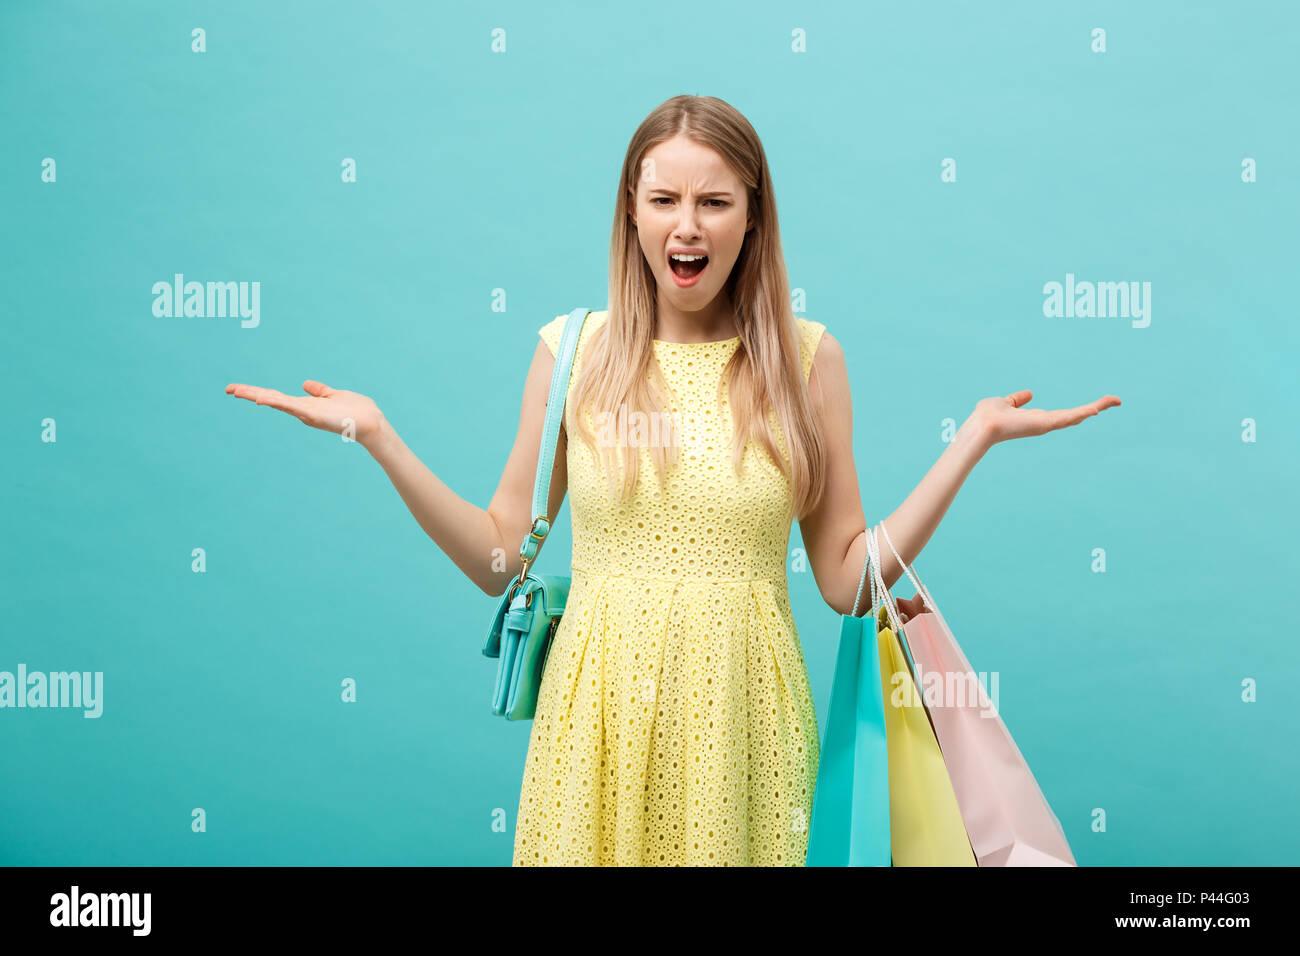 Shoping et de vente Concept: belle jeune femme malheureuse en élégante robe jaune avec votre panier. Photo Stock